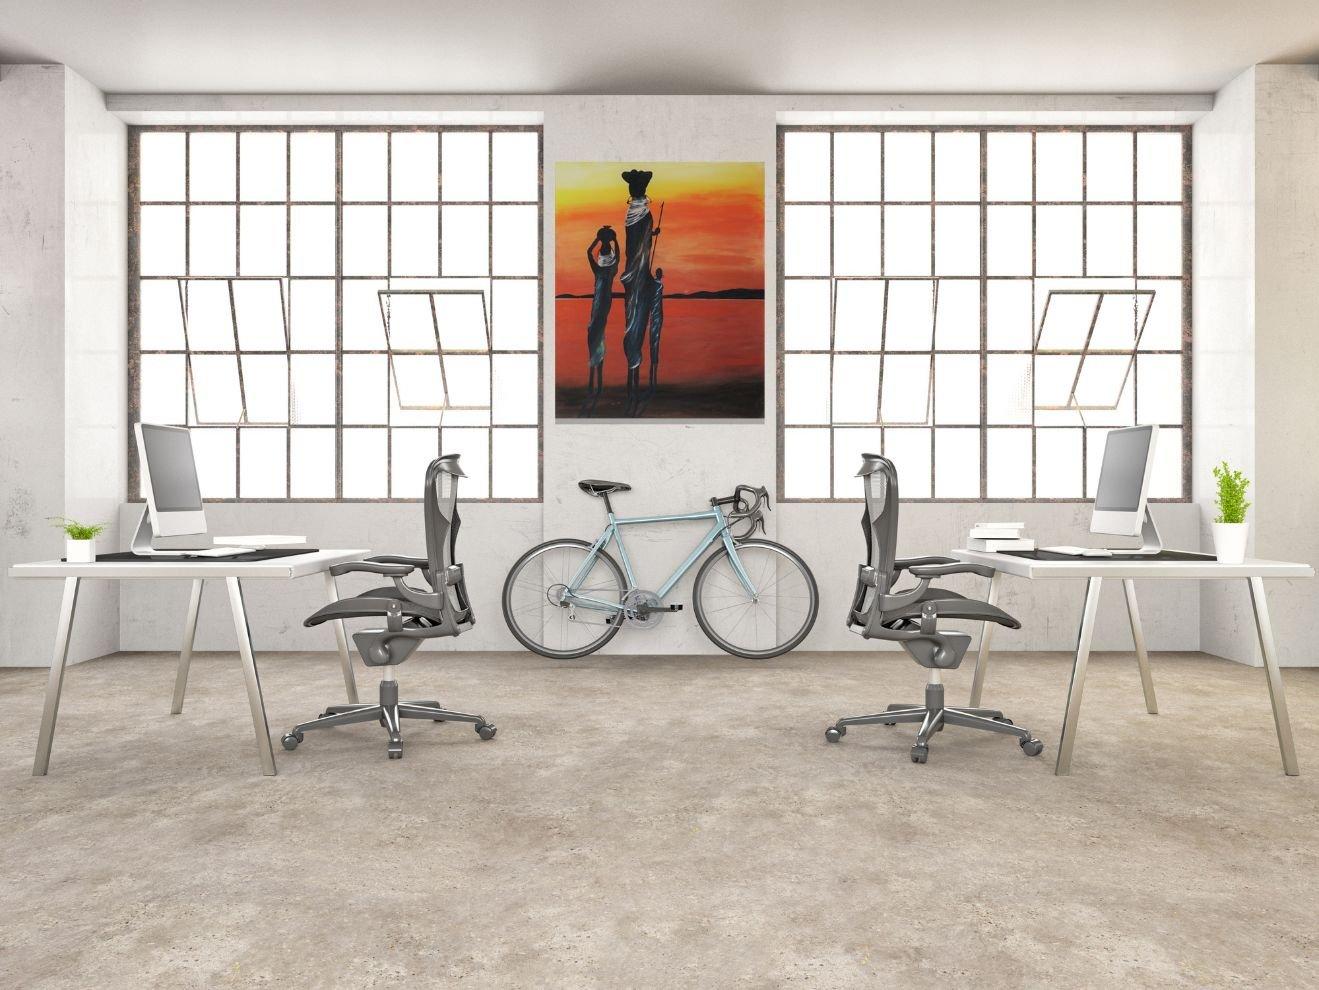 schilderij A Long Day van James op kantoor